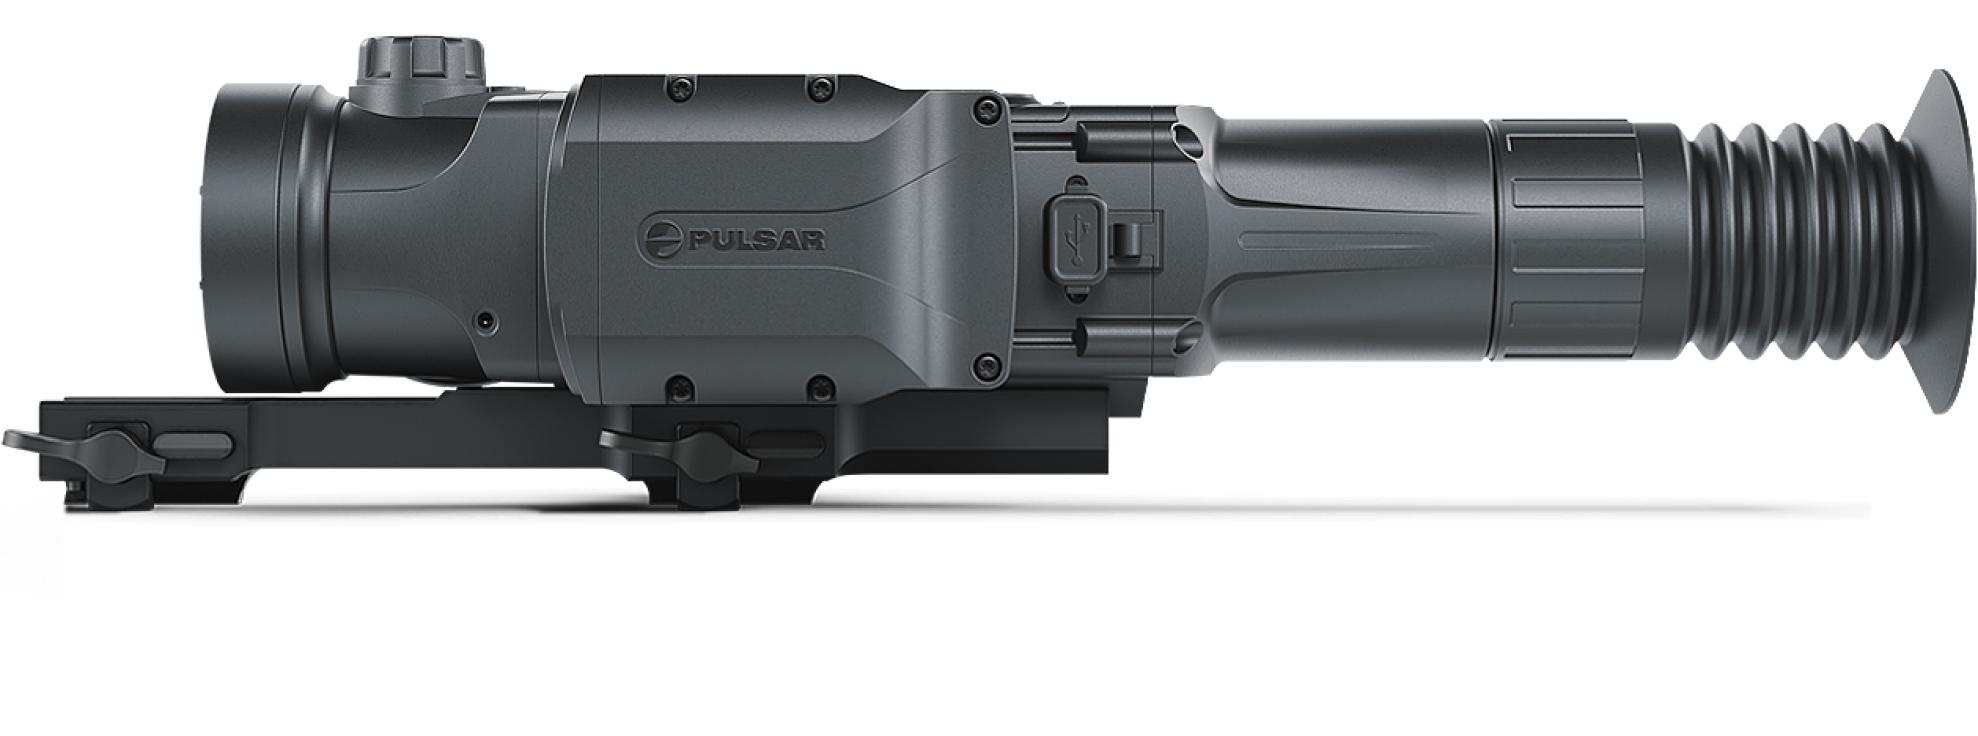 Pulsar Trail 2 LRF XP50 Thermal Scope